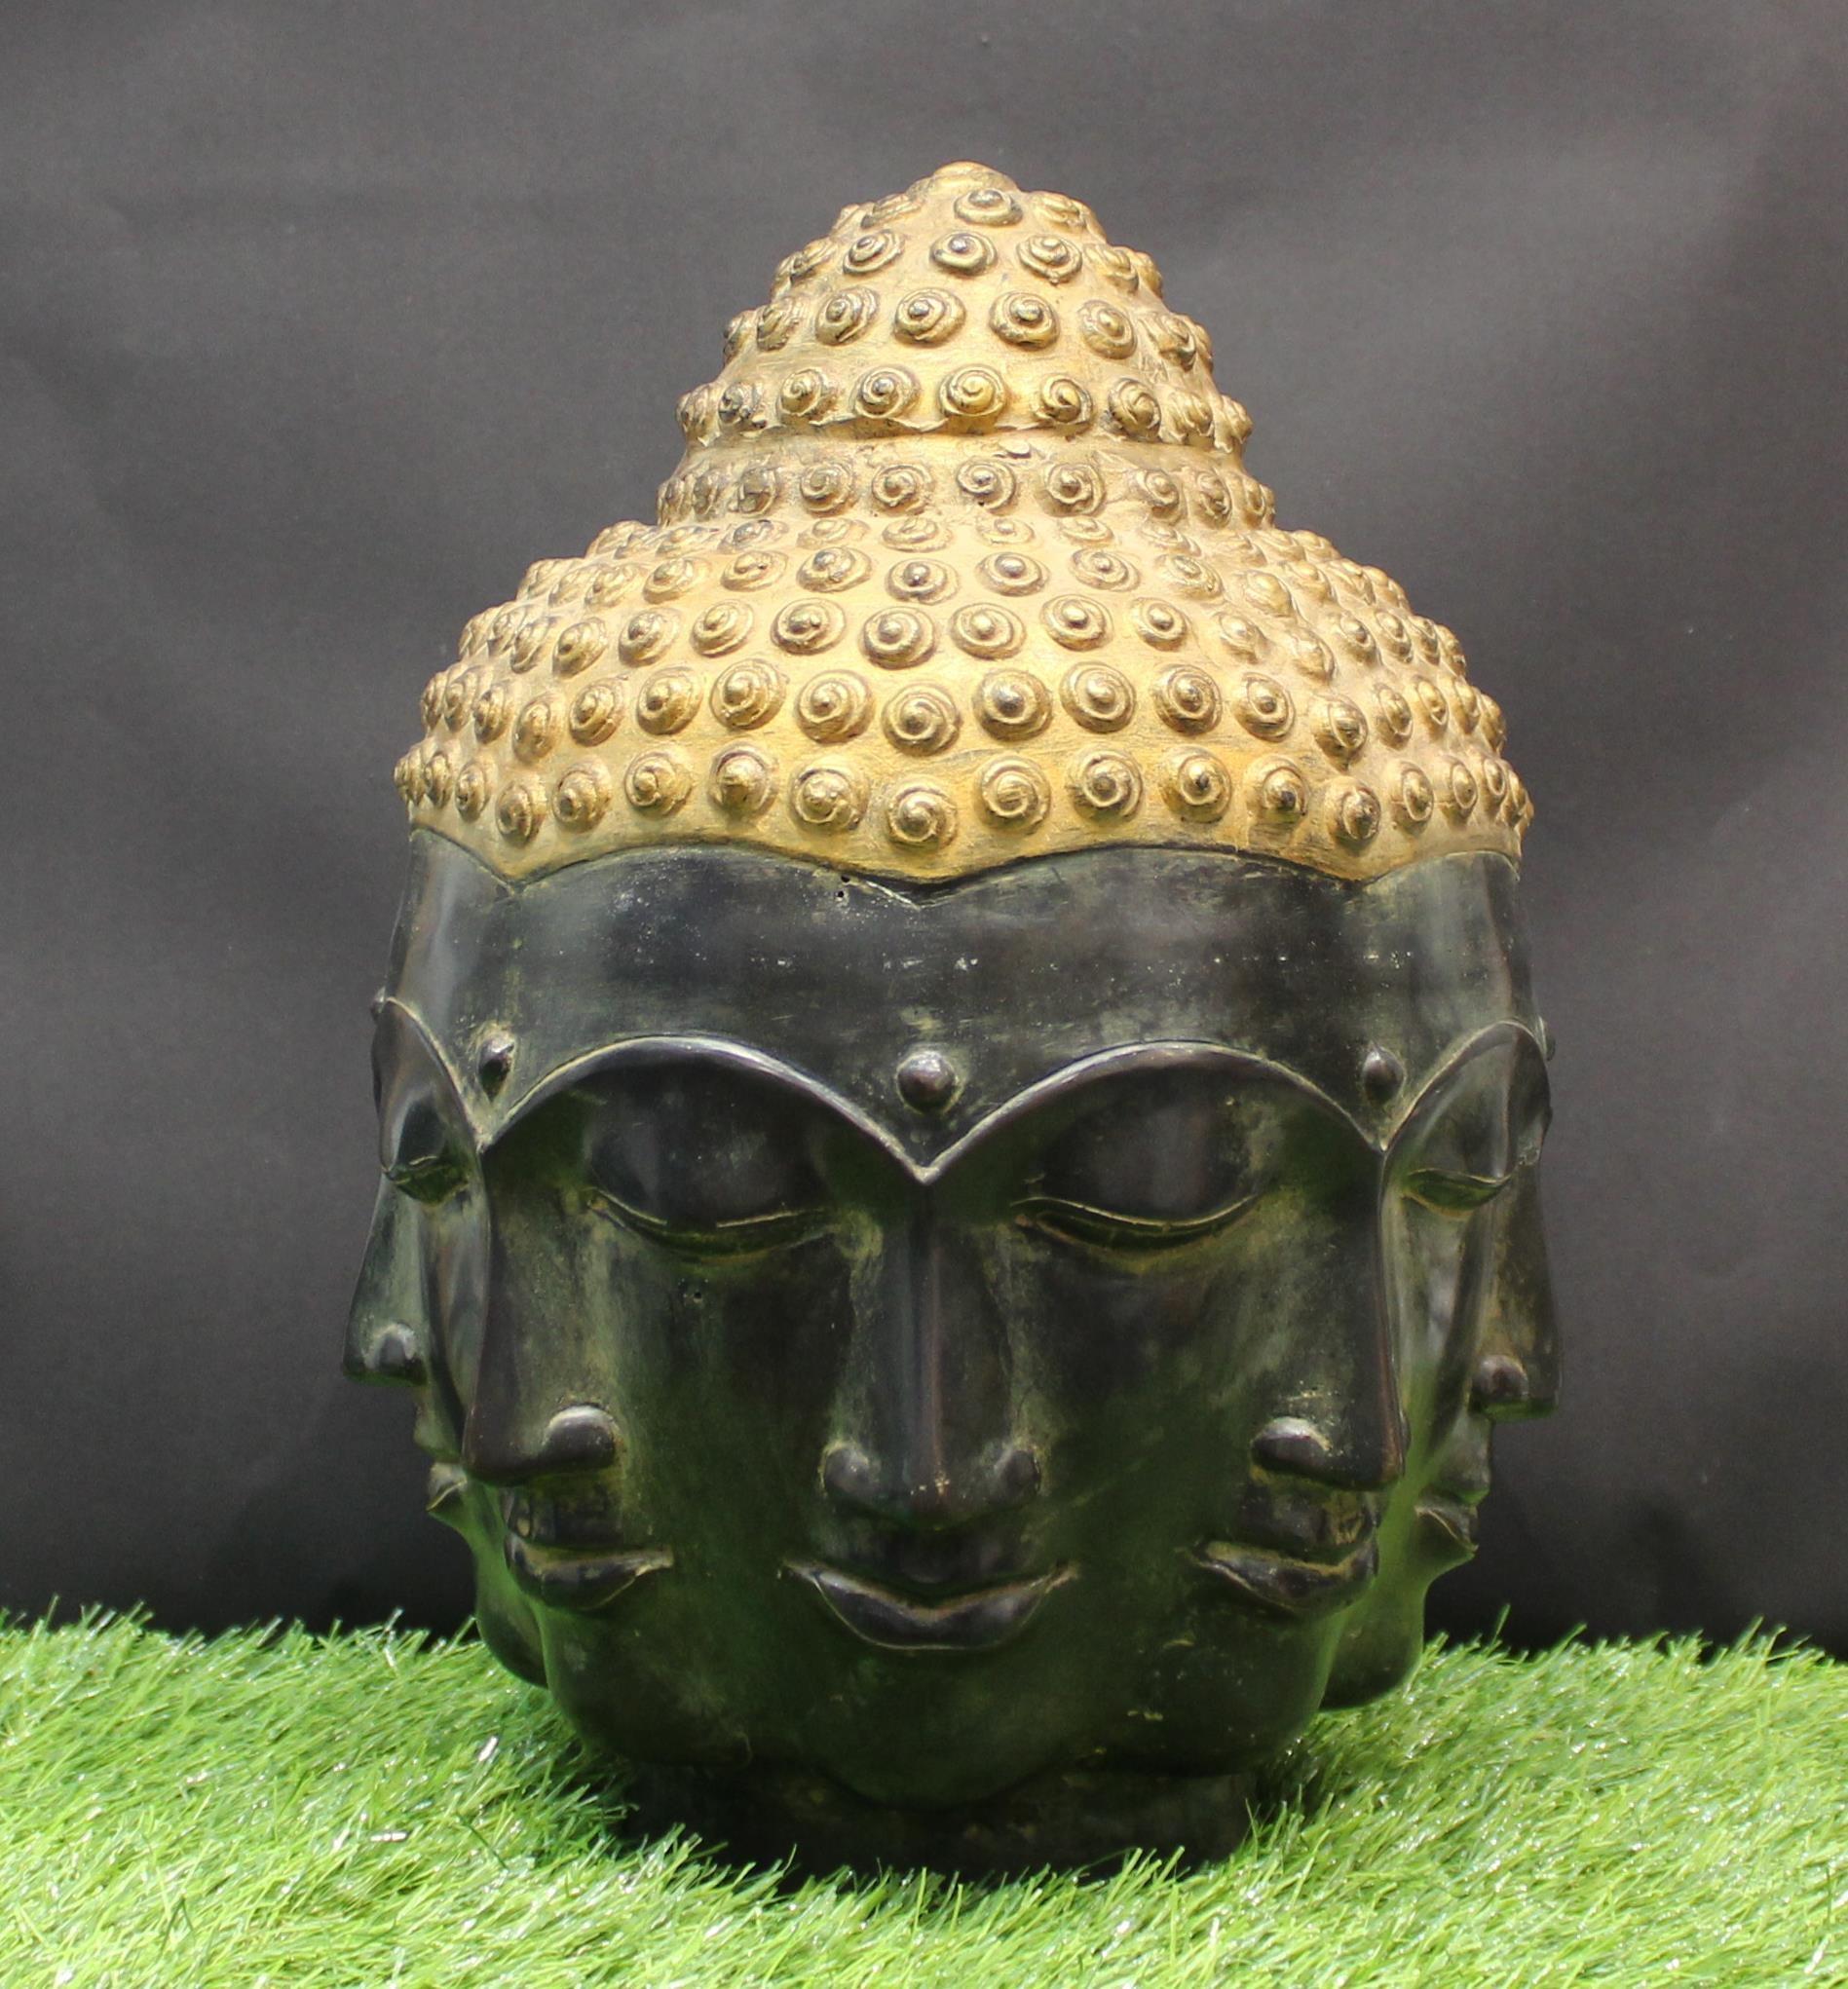 Br Idol 8 Face Buddha Head Home